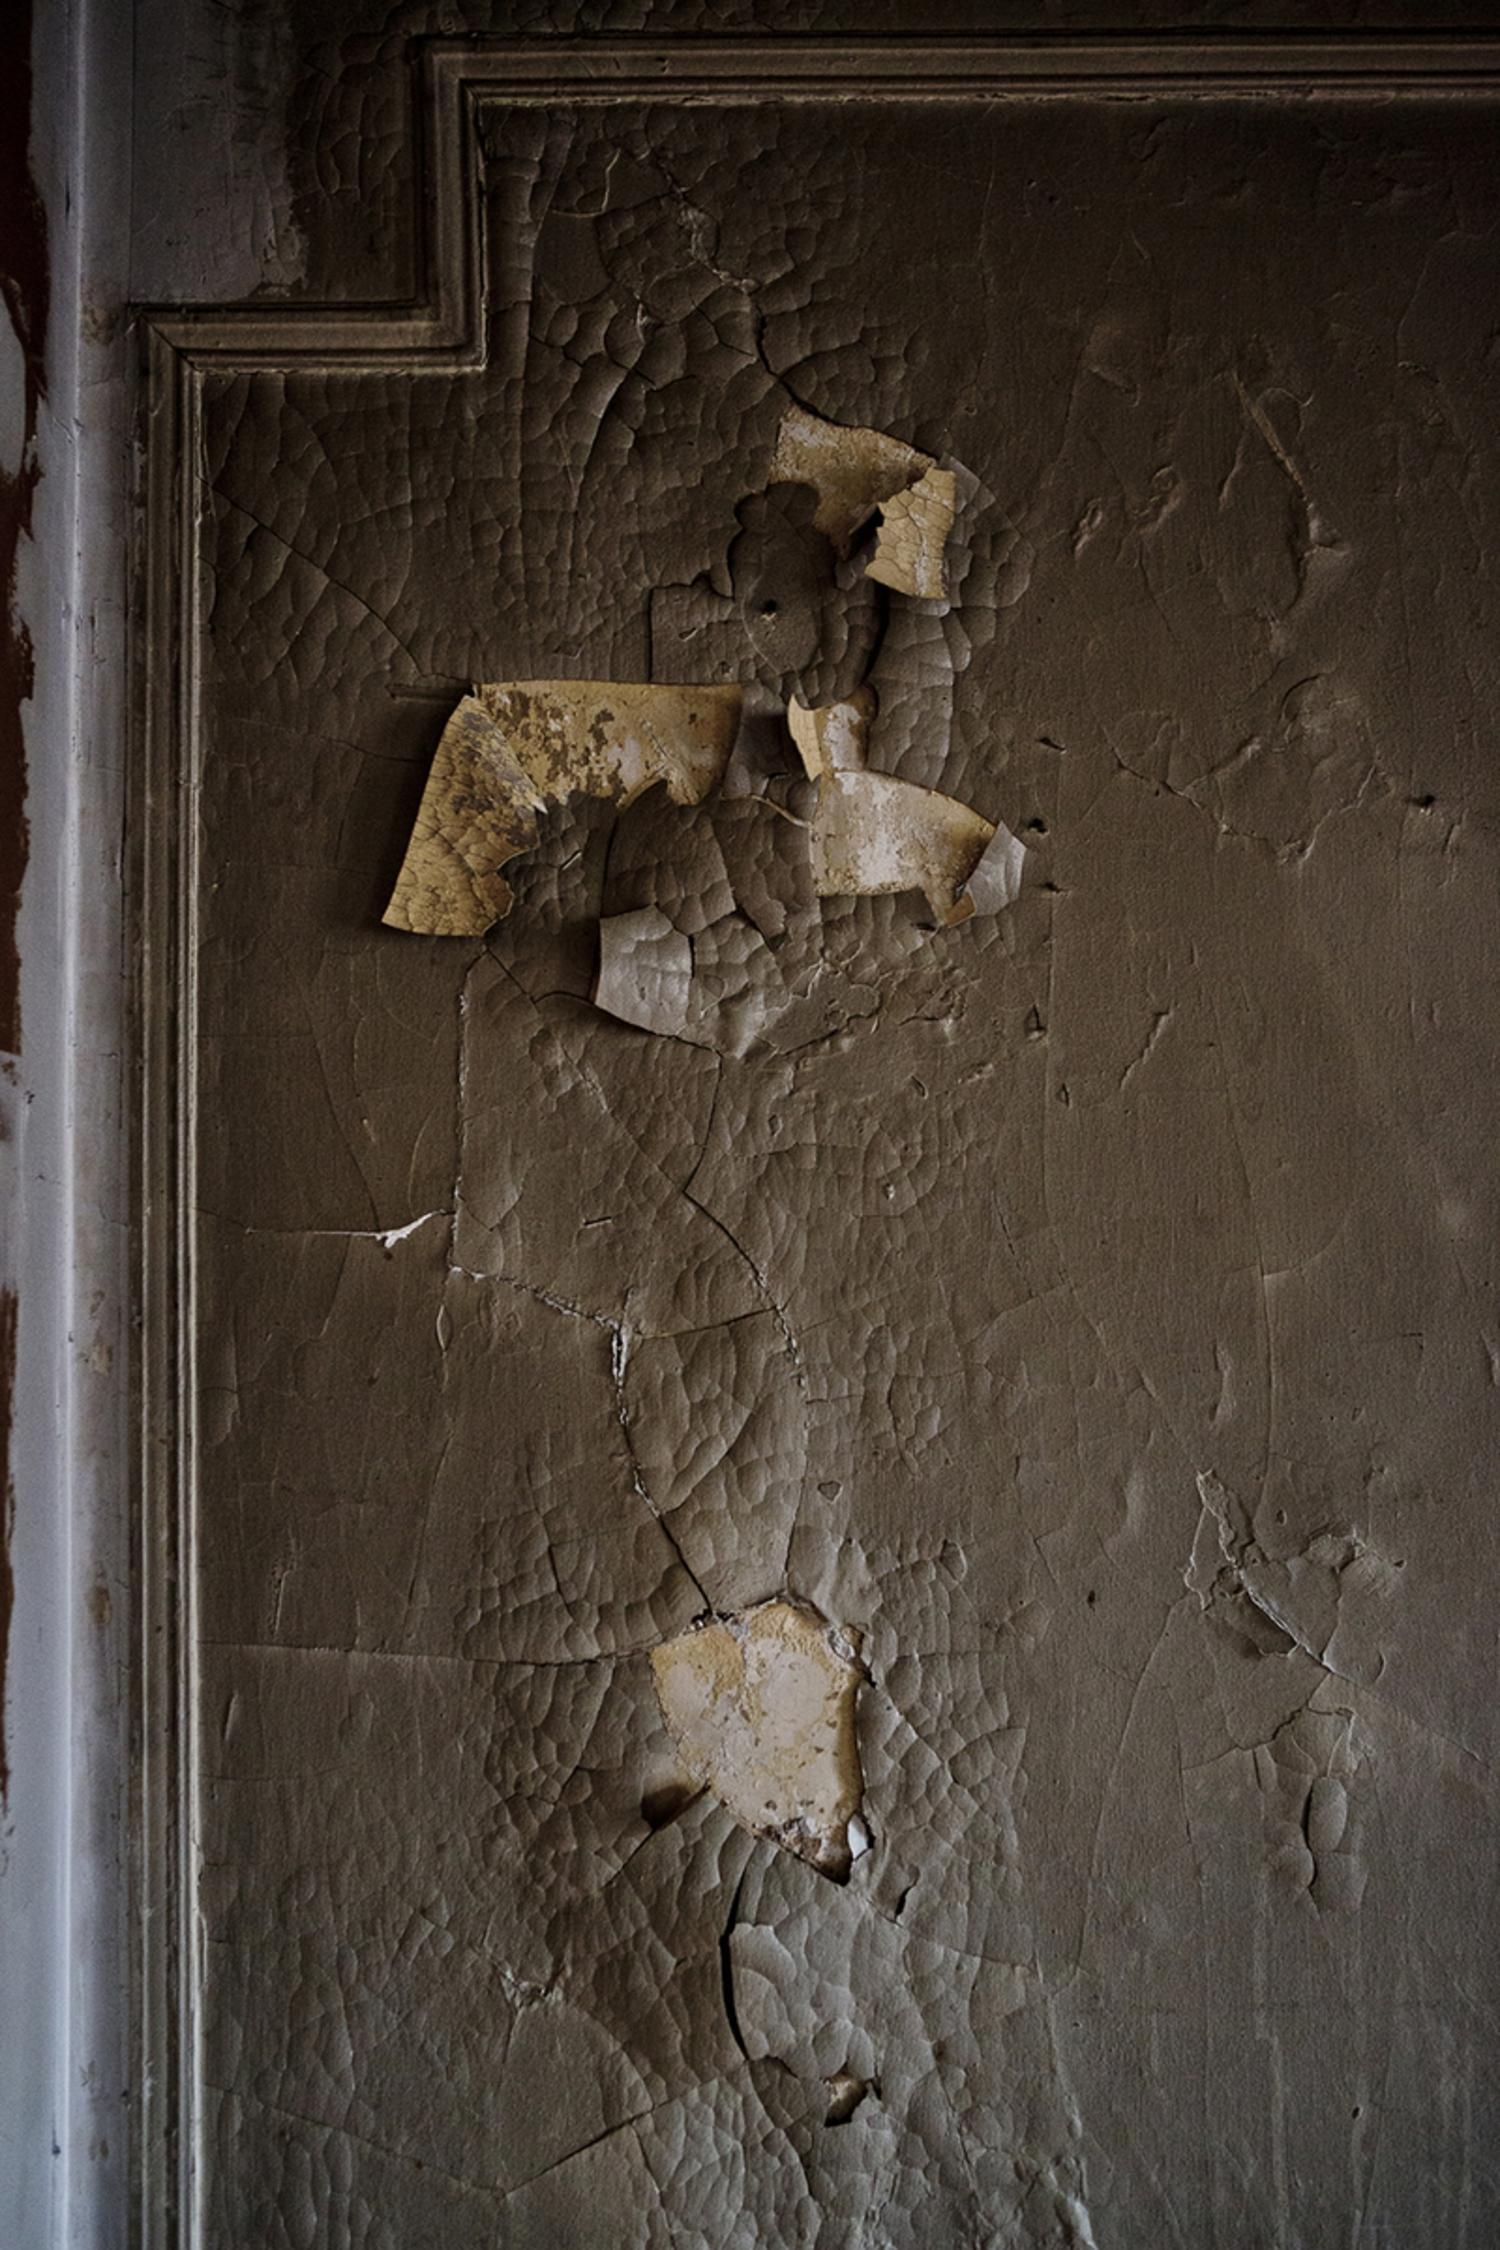 Paint peeling.